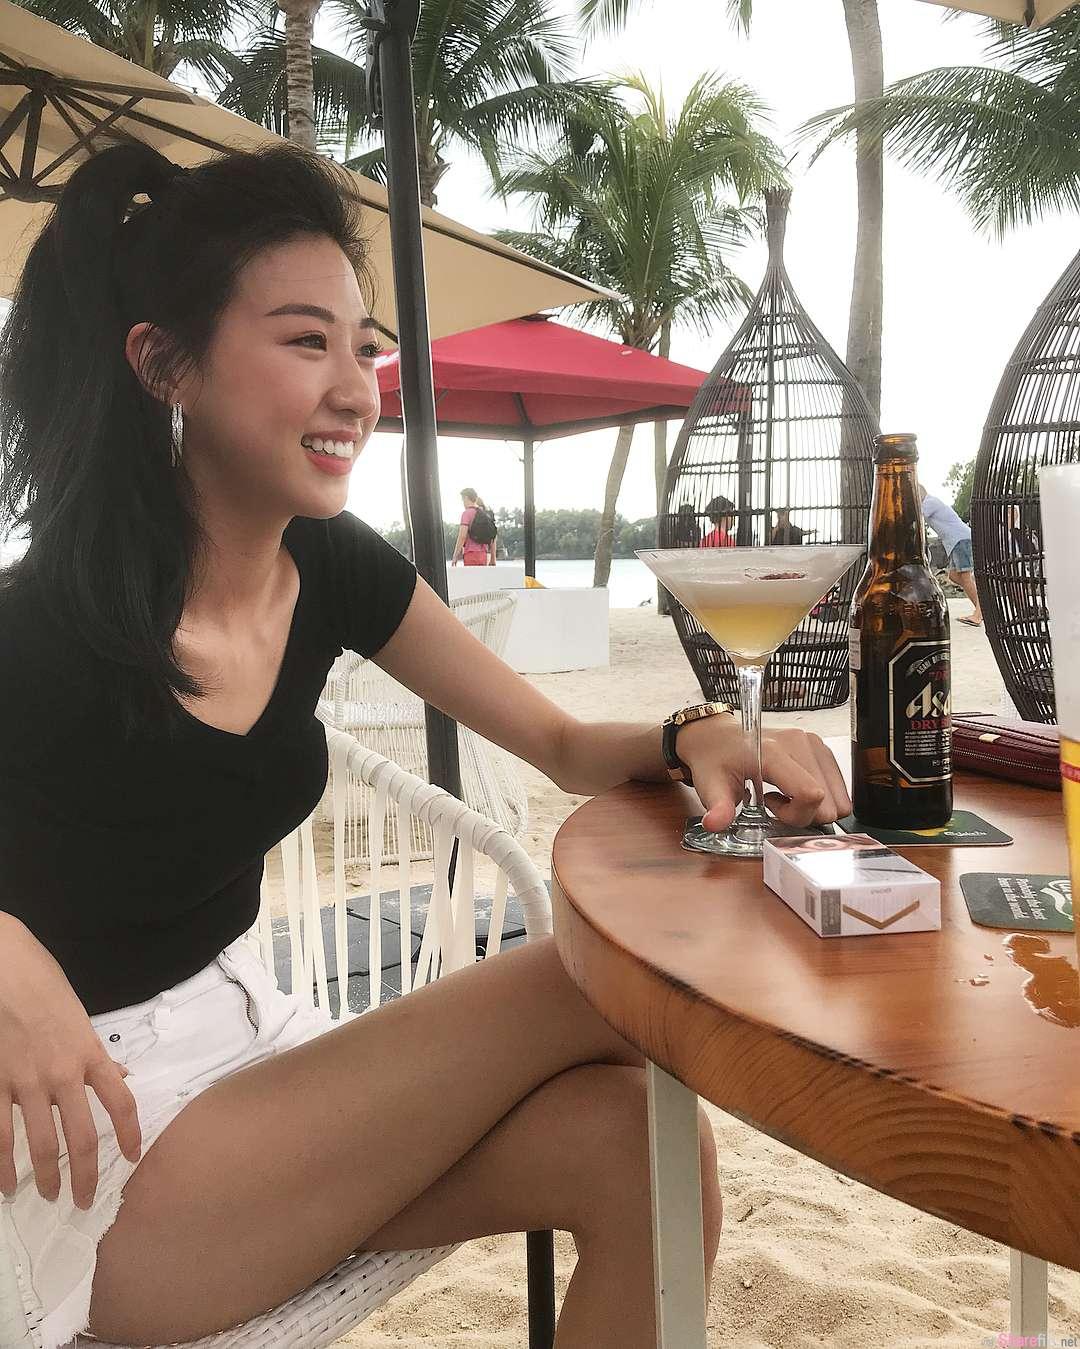 海滩酒吧喝酒发现甜美正妹,笑容加上热裤太诱人